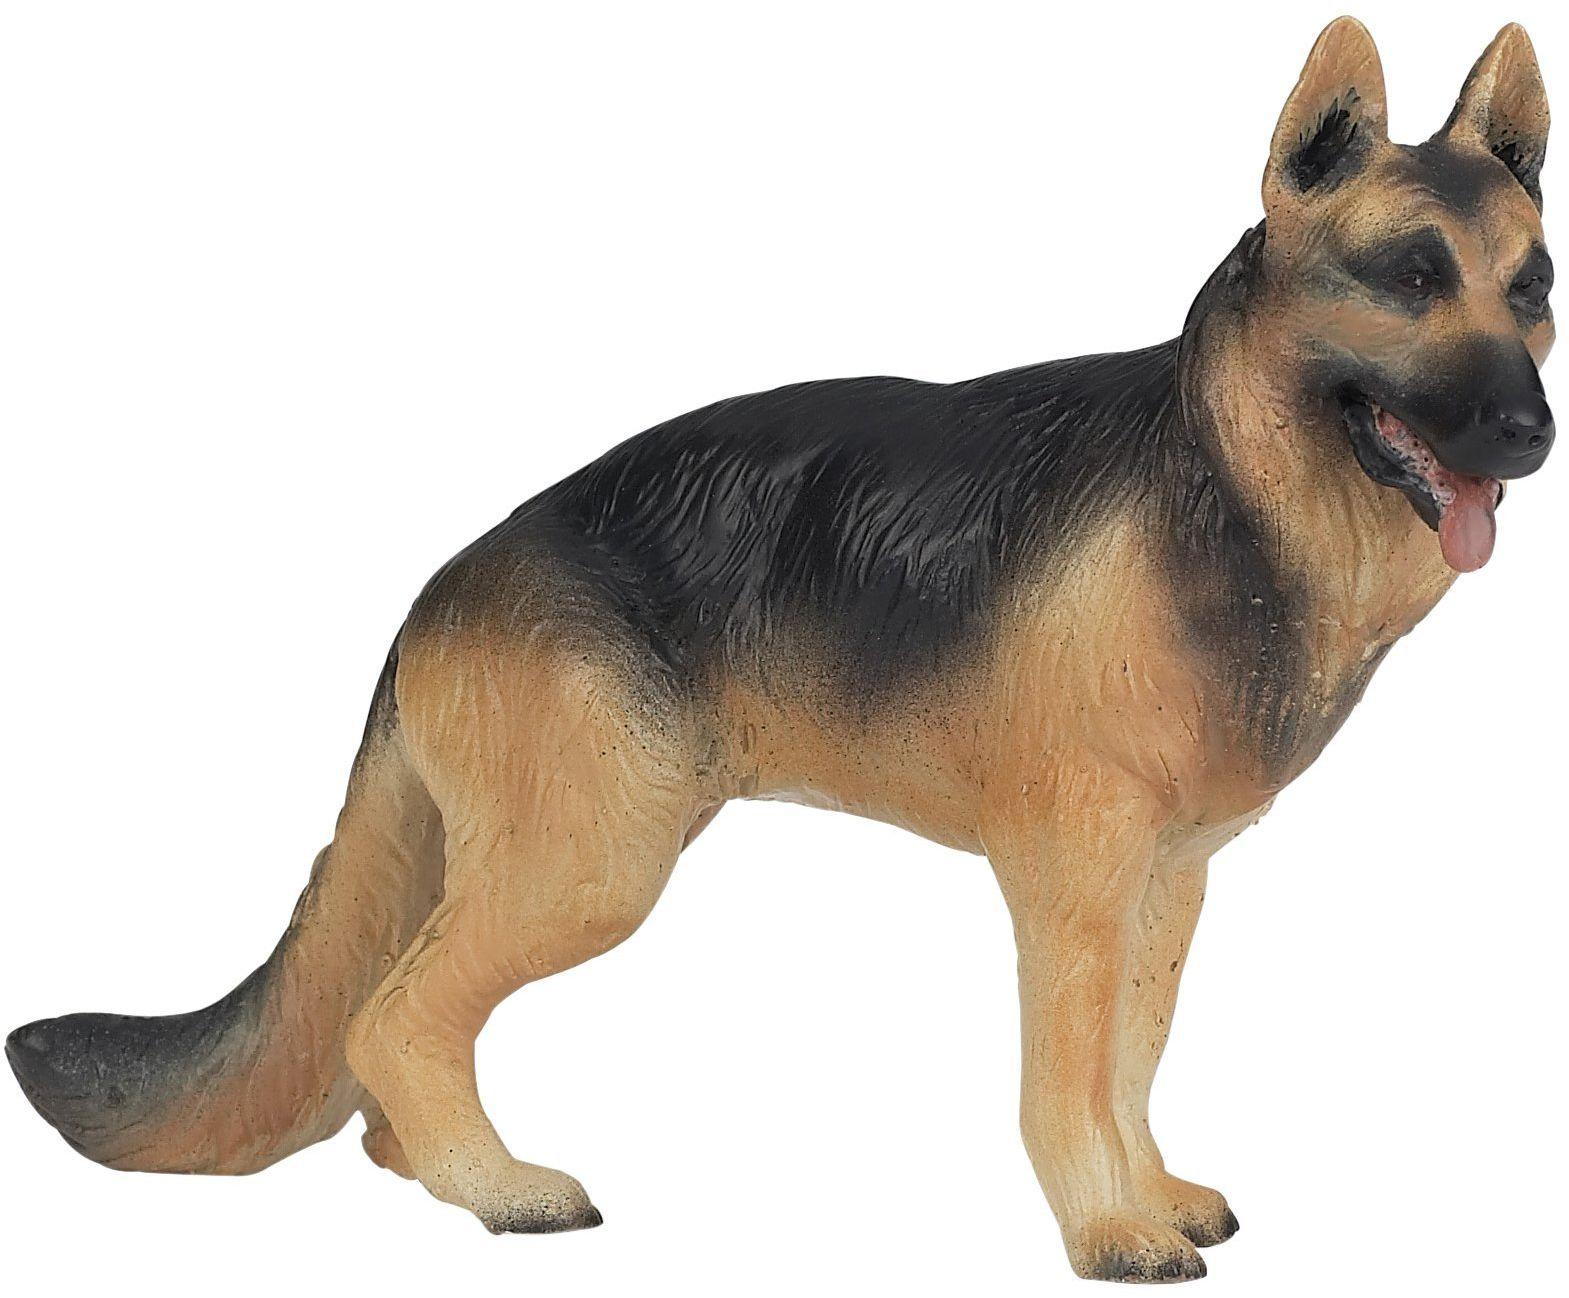 Papo 54004 figurka owczarka niemieckiego koty i psy, wielokolorowa